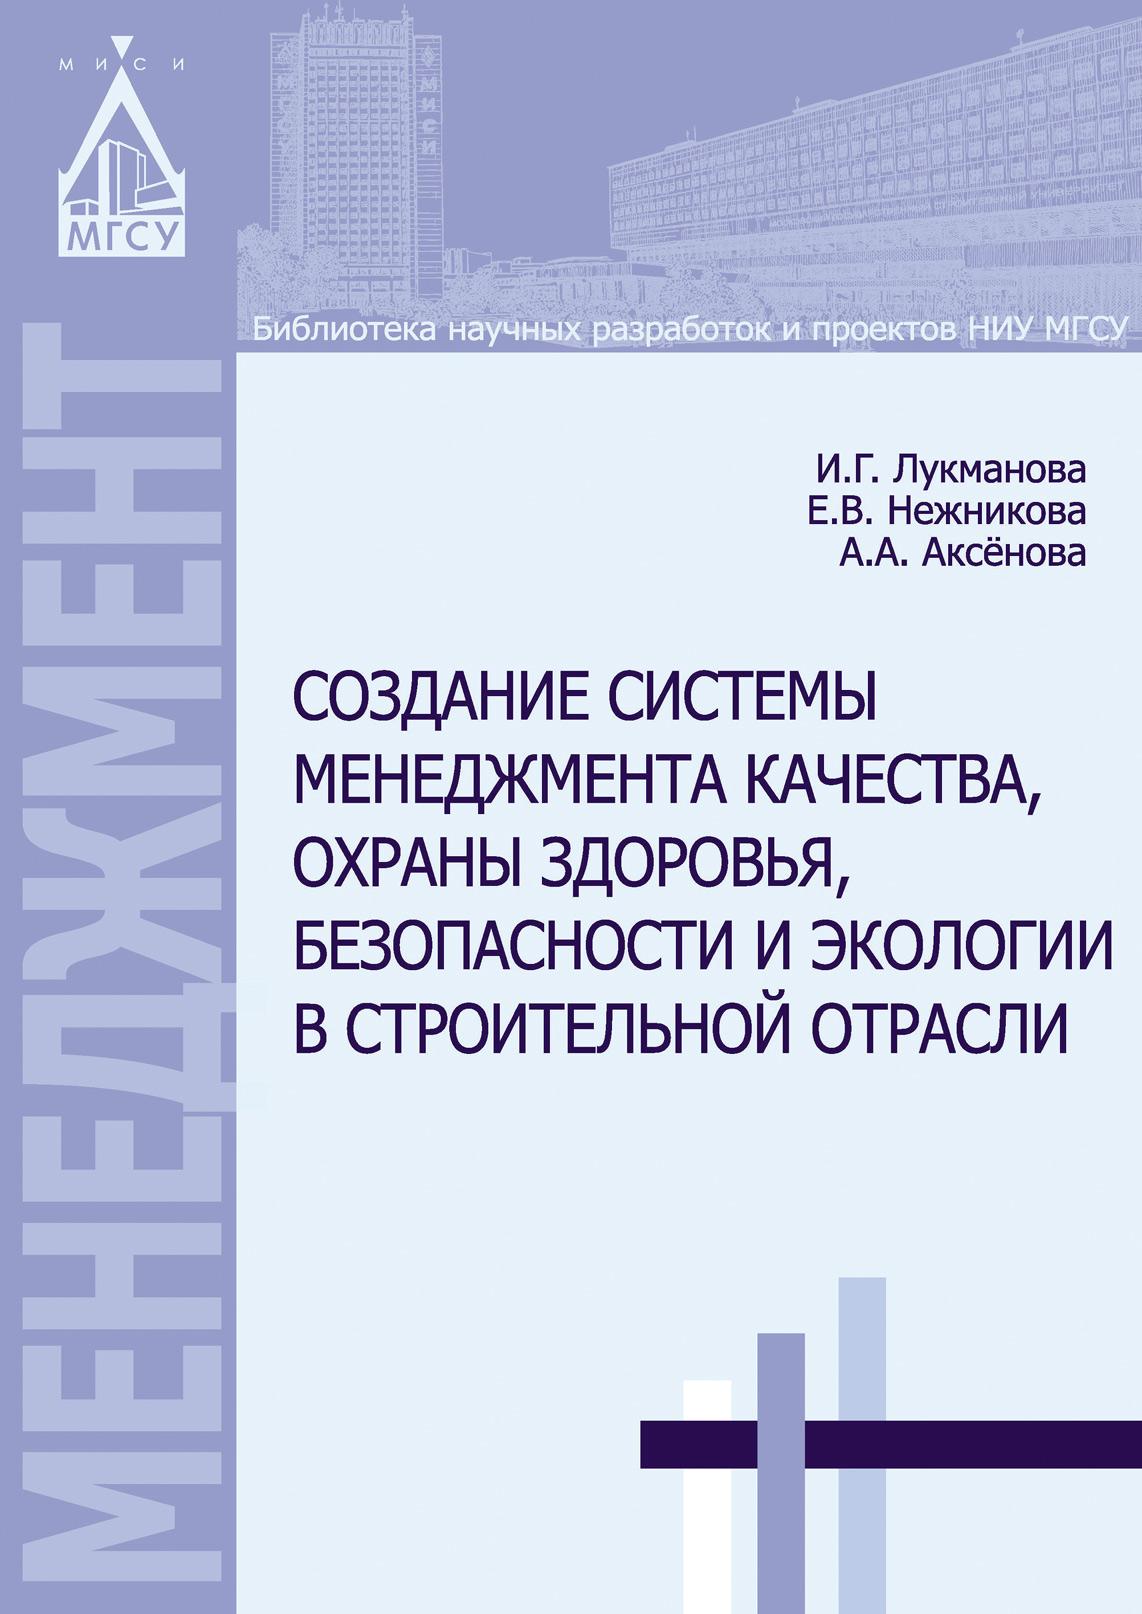 Создание системы менеджмента качества, охраны здоровья, безопасности и экологии в строительной отрасли